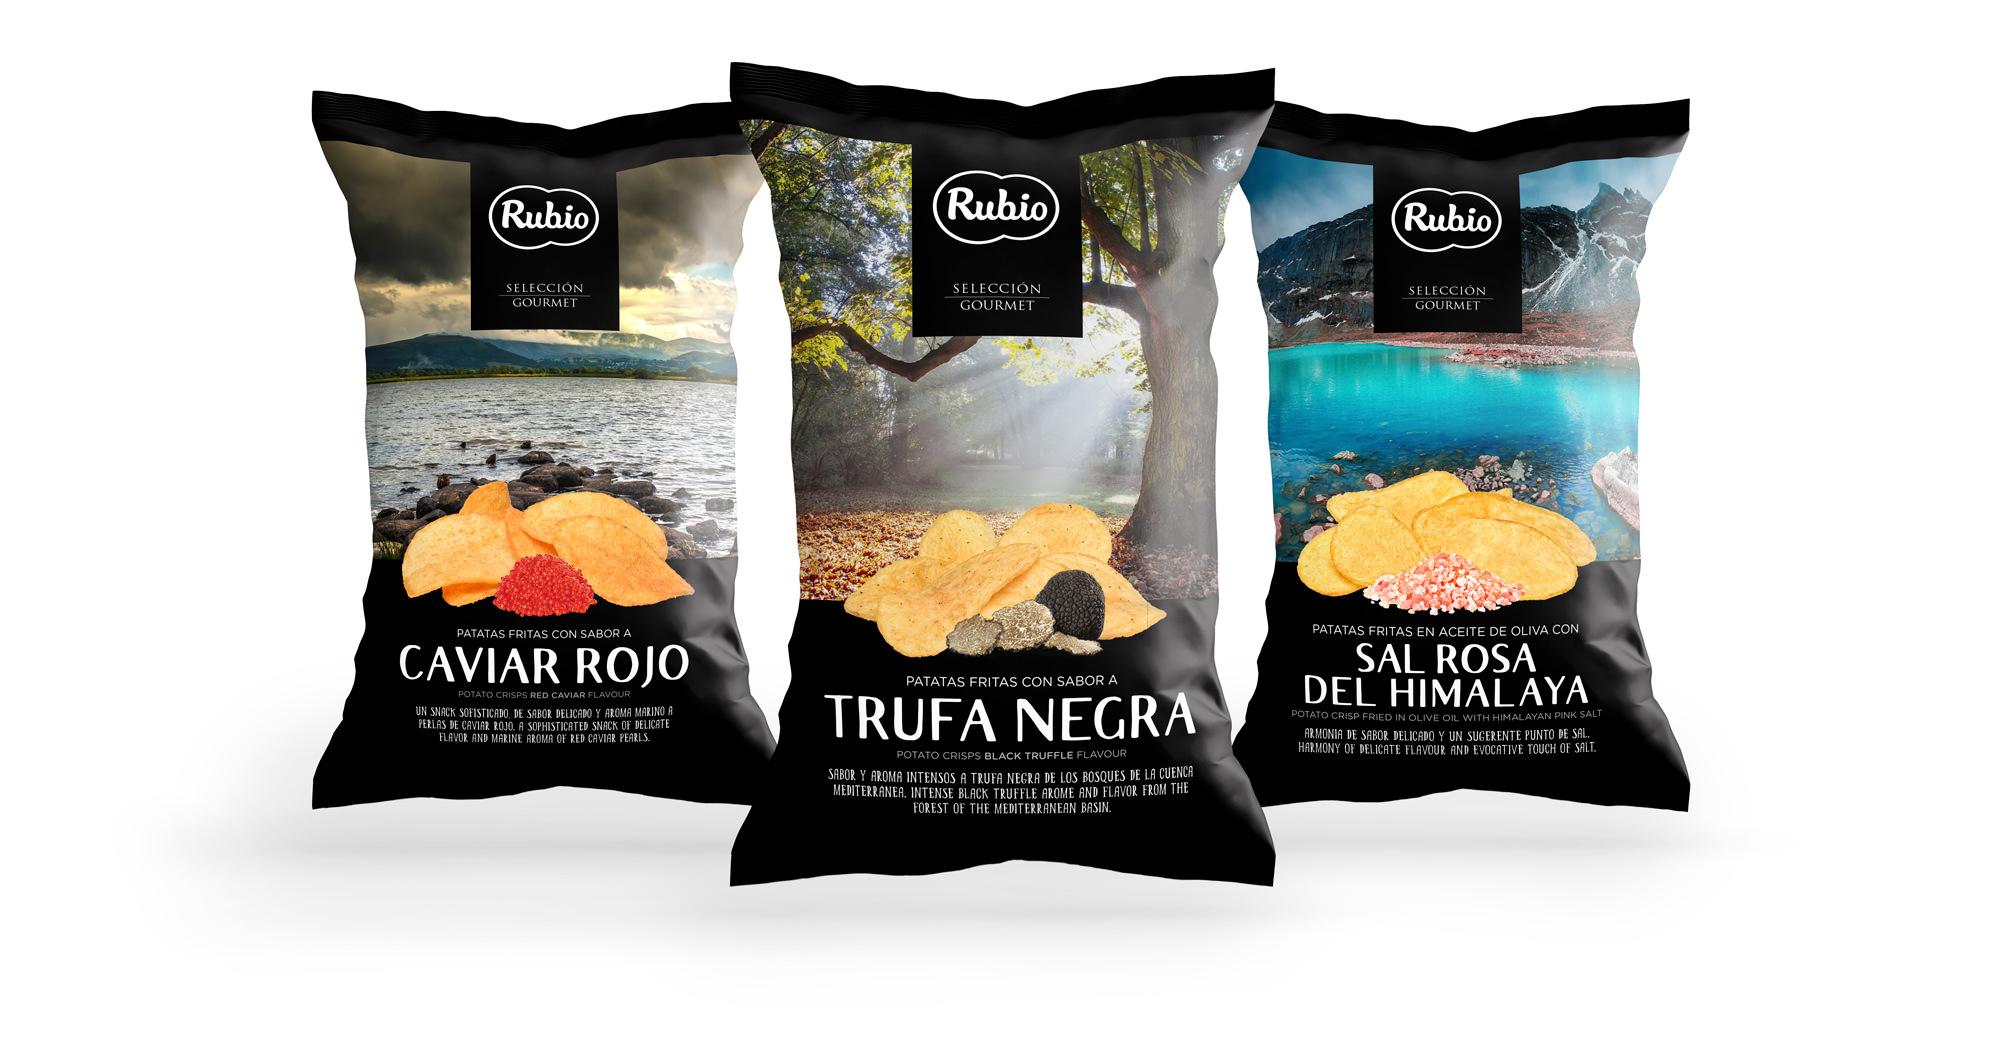 Selección Gourmet Rubio1